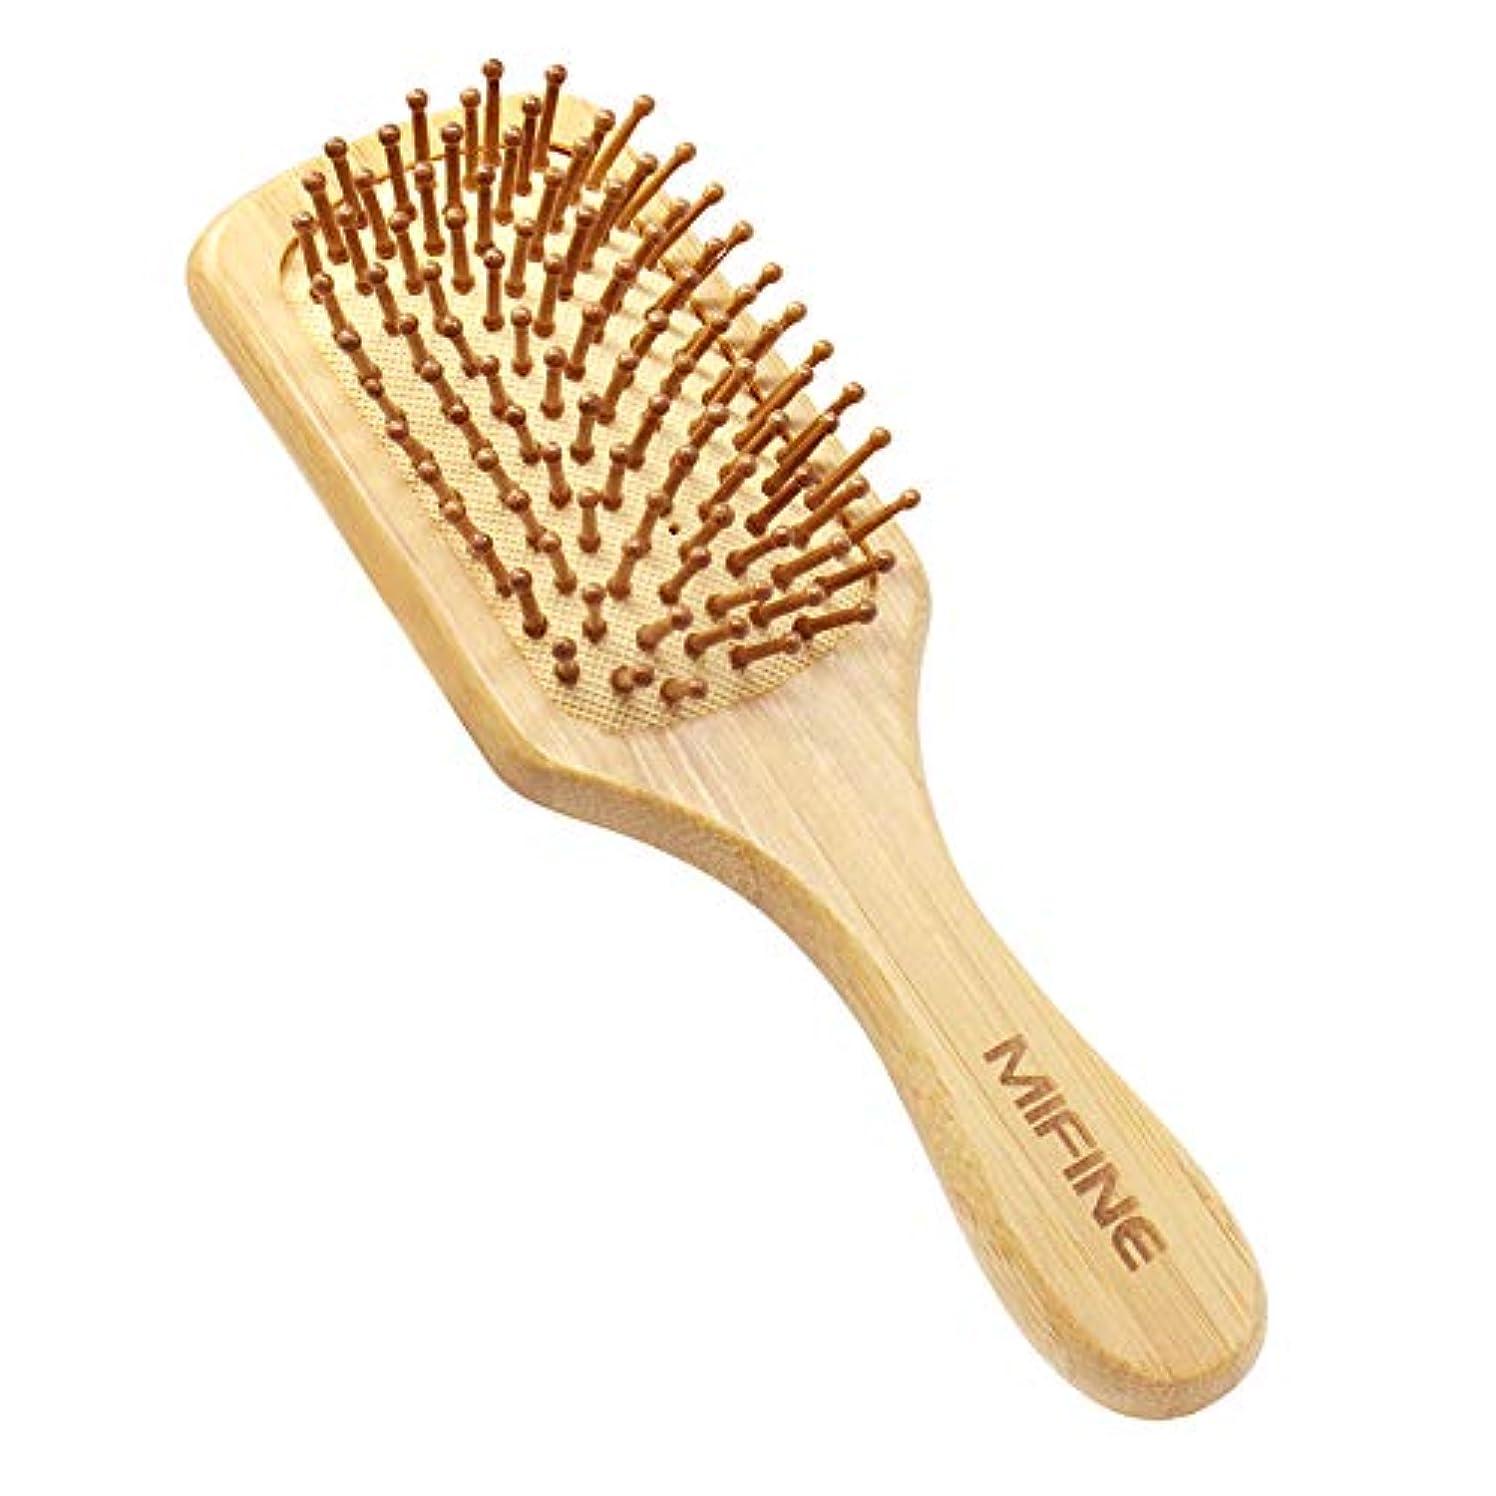 ブルジョンメダル札入れヘアブラシ 携帯 Mifine 美髪ケア 櫛 木製 ヘアケア 頭皮&肩&顔マッサージ 艶髪(小)